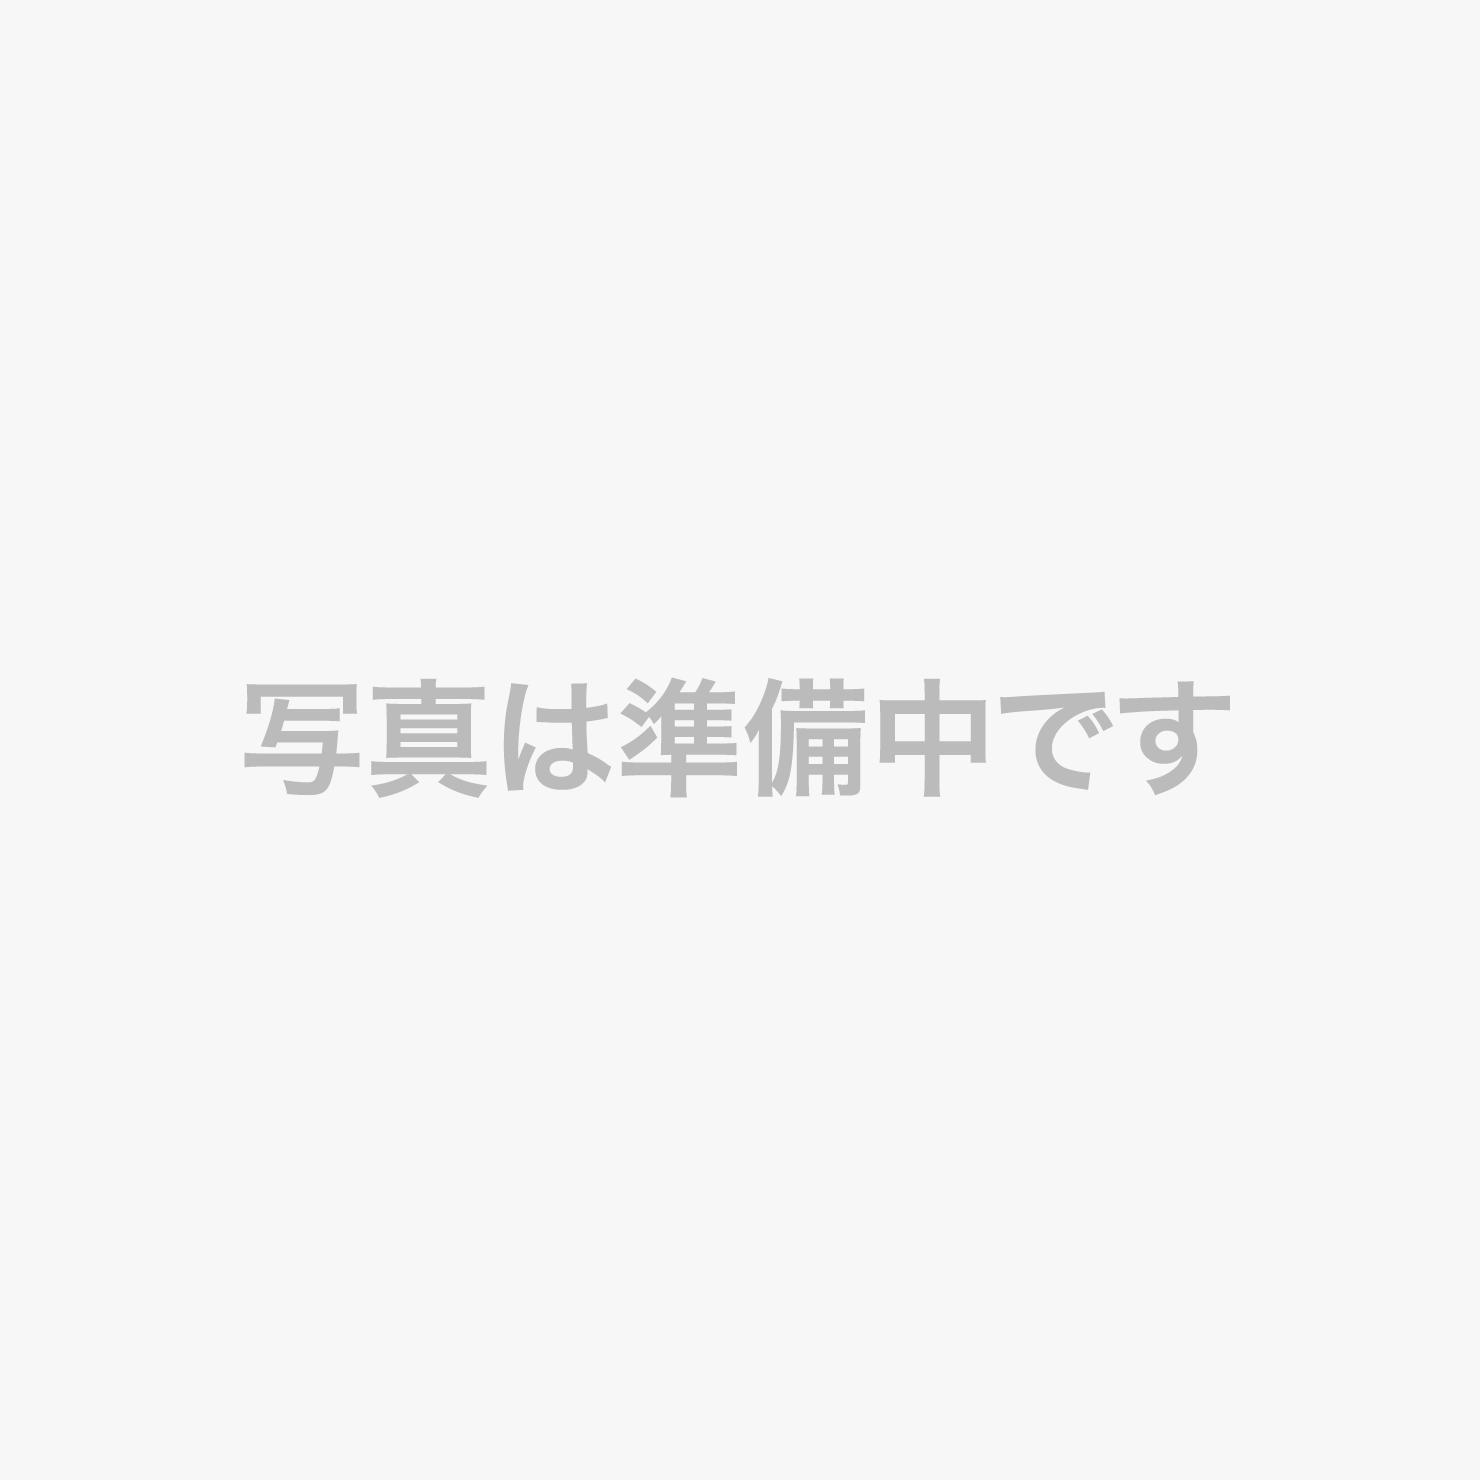 2019年11-12月のメインチョイス:伊豆のジビエ 鹿の変わり揚げ 湯葉 えごま アーモンド